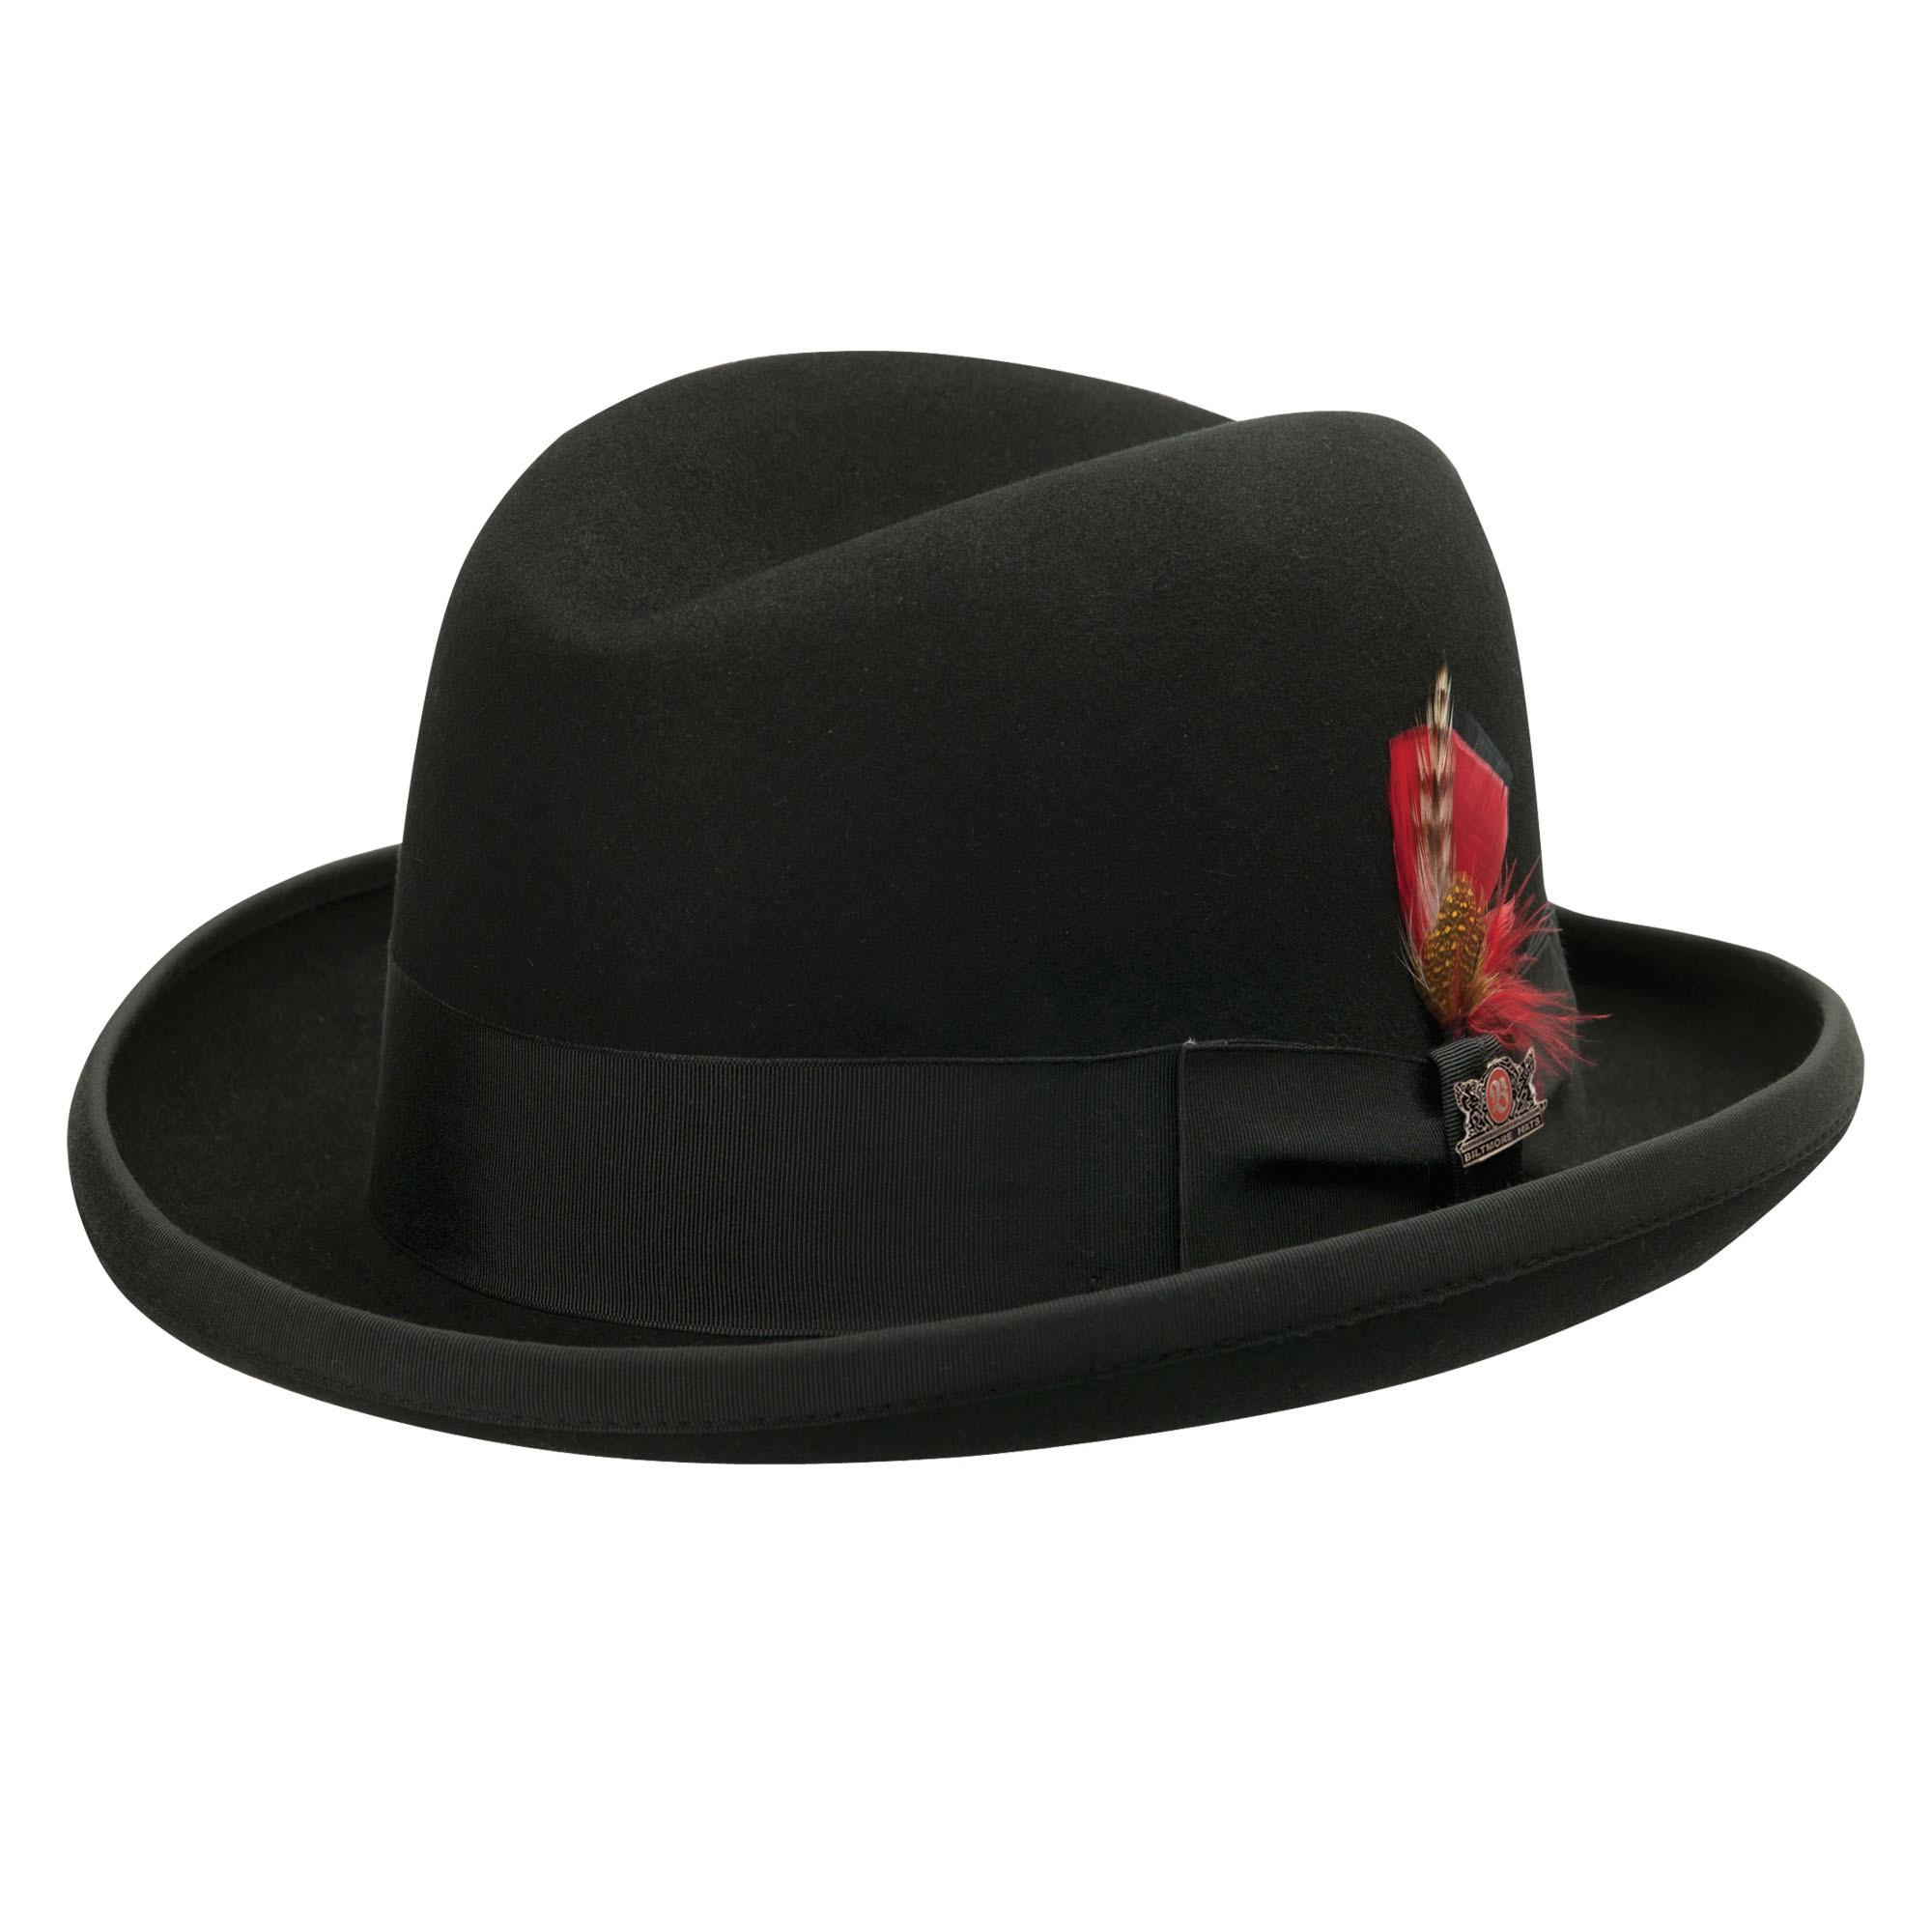 Winston - Fur Felt Homburg Hat